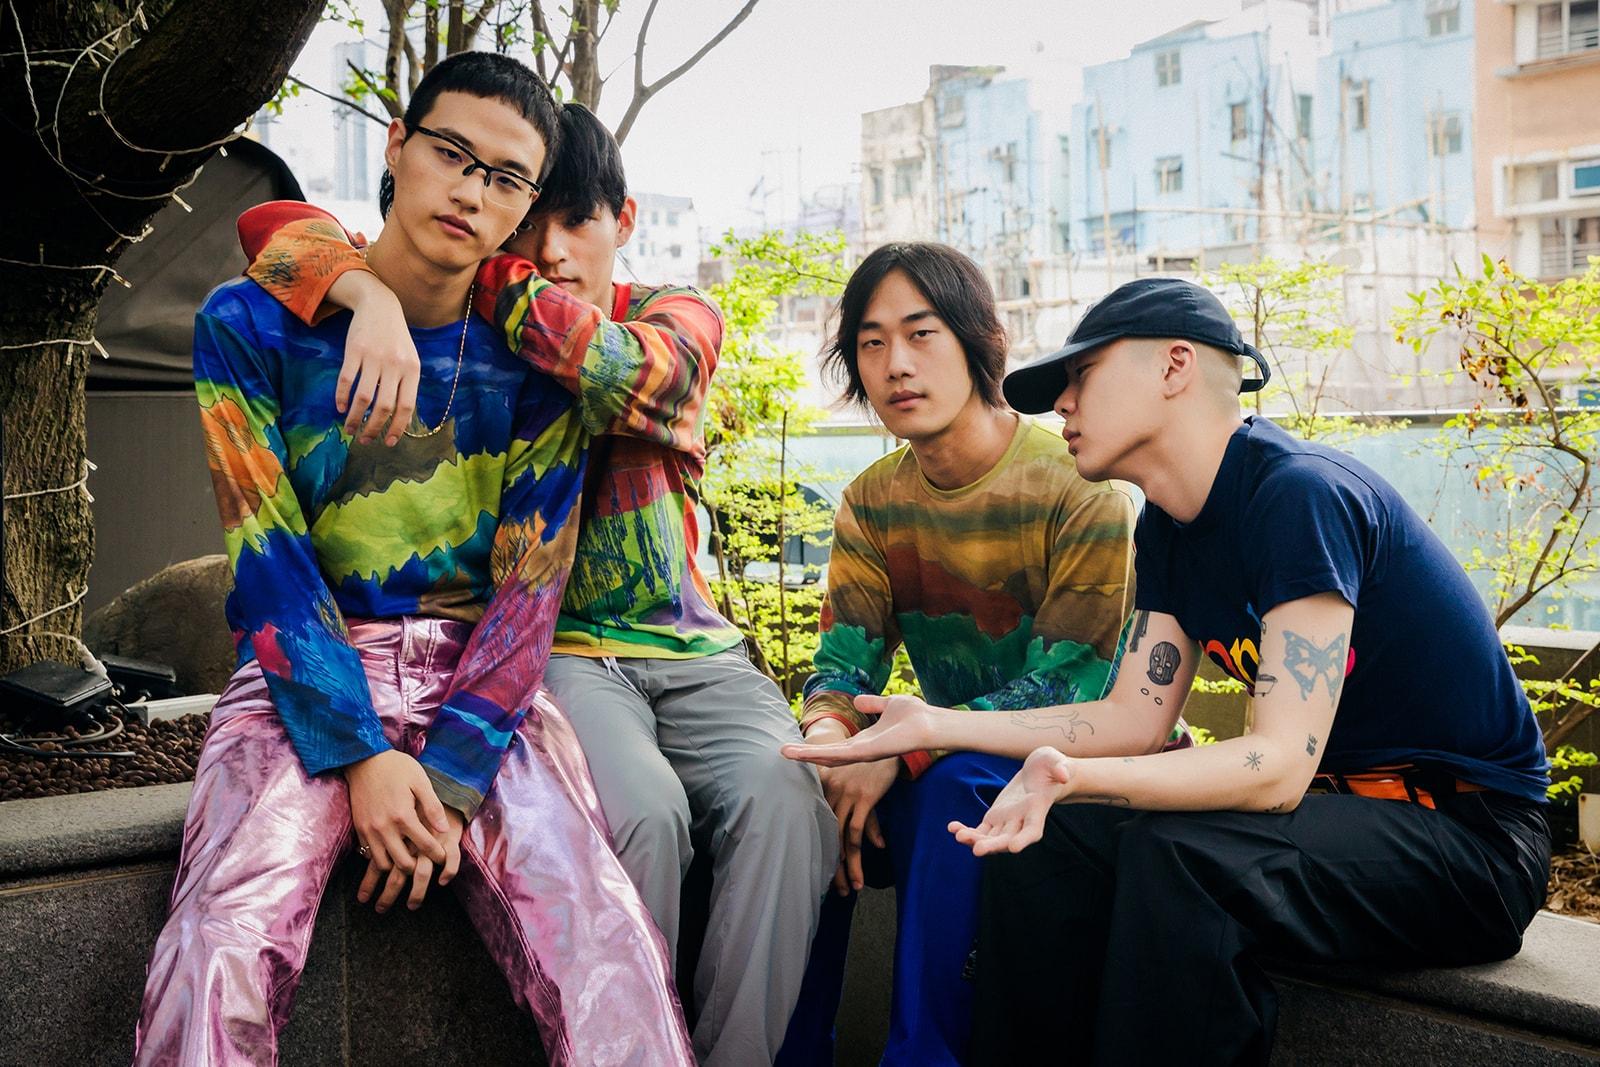 從 5 首歌看韓國樂團 HYUKOH 的成名路 - HYPEBEAST 專訪 HYUKOH